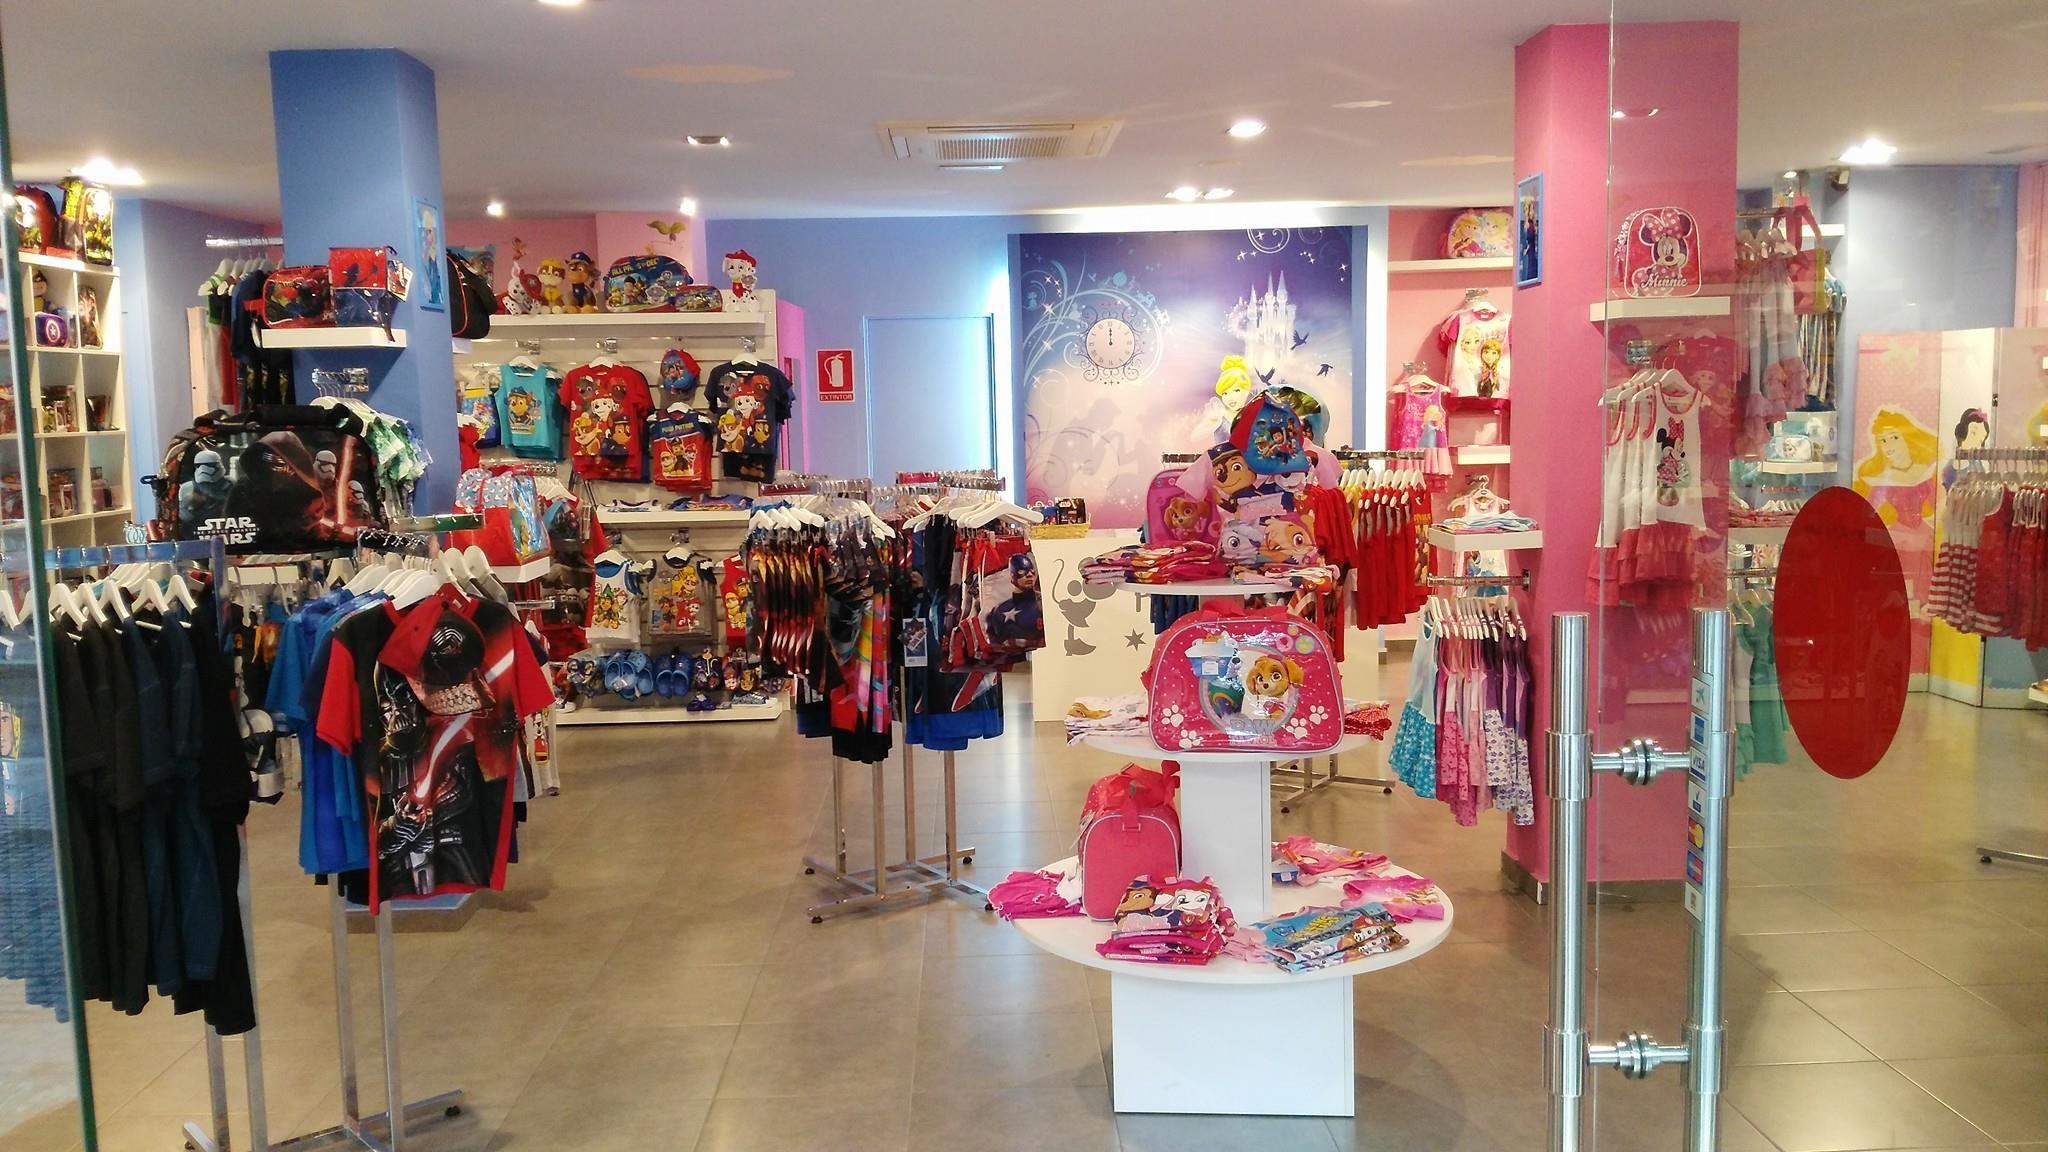 Visita nuestra tienda de productos Disney